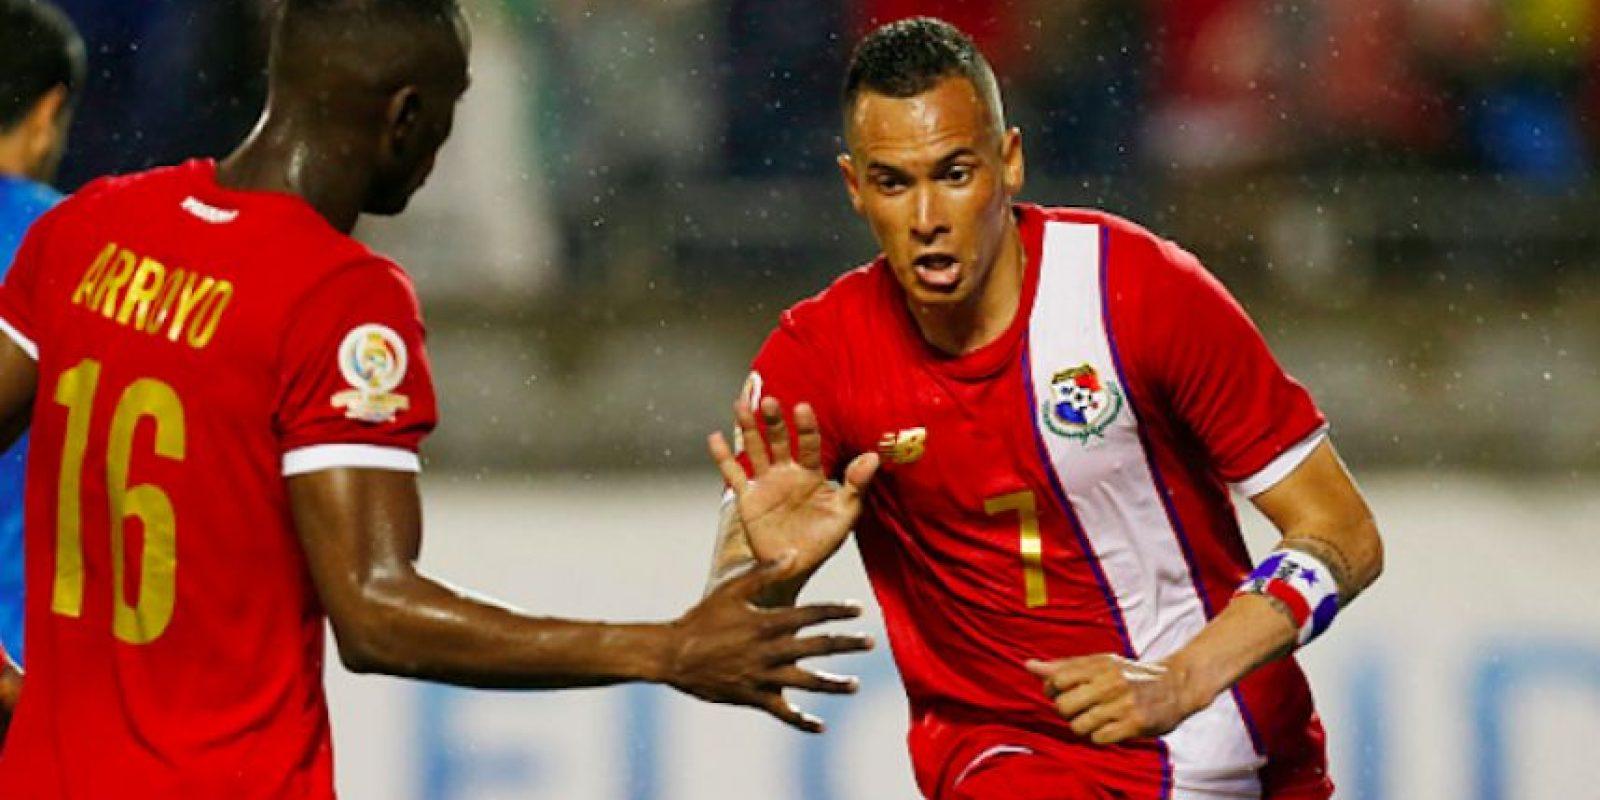 Con dos goles de Blas Pérez, Panamá tuvo un debut victorioso en la Copa América Centenario. Foto:Getty Images